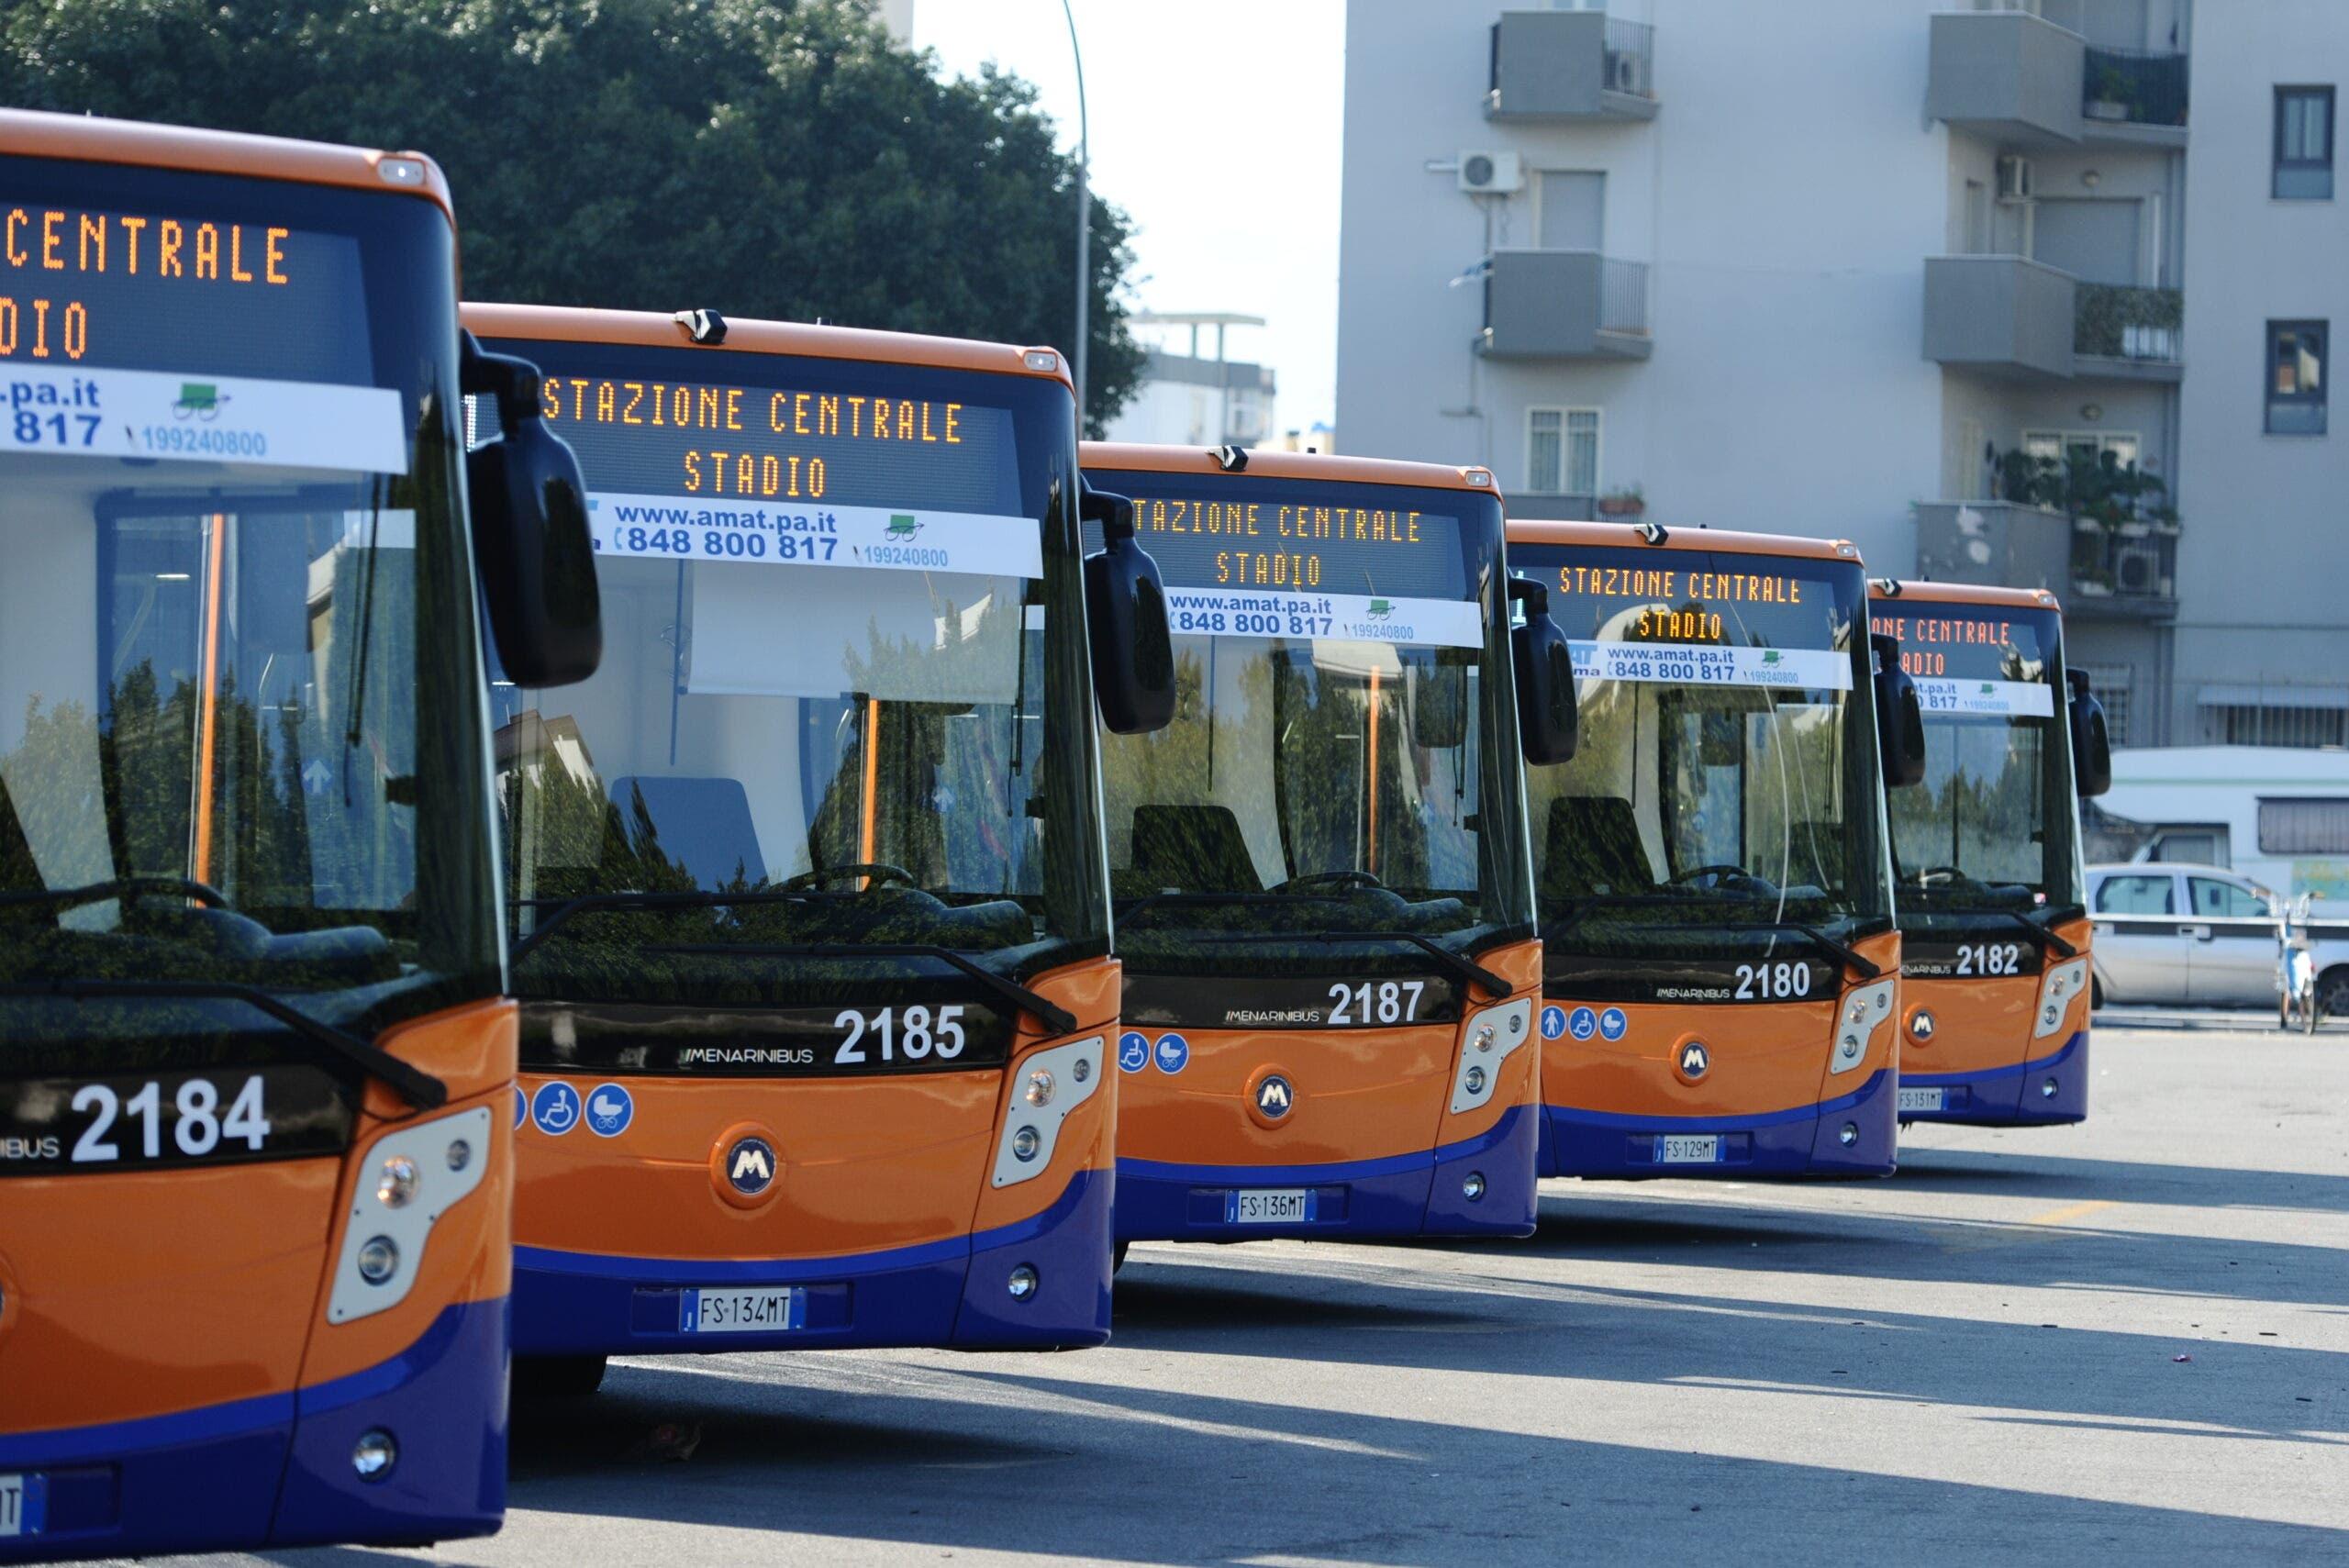 Immatricolazioni camion autobus maggio